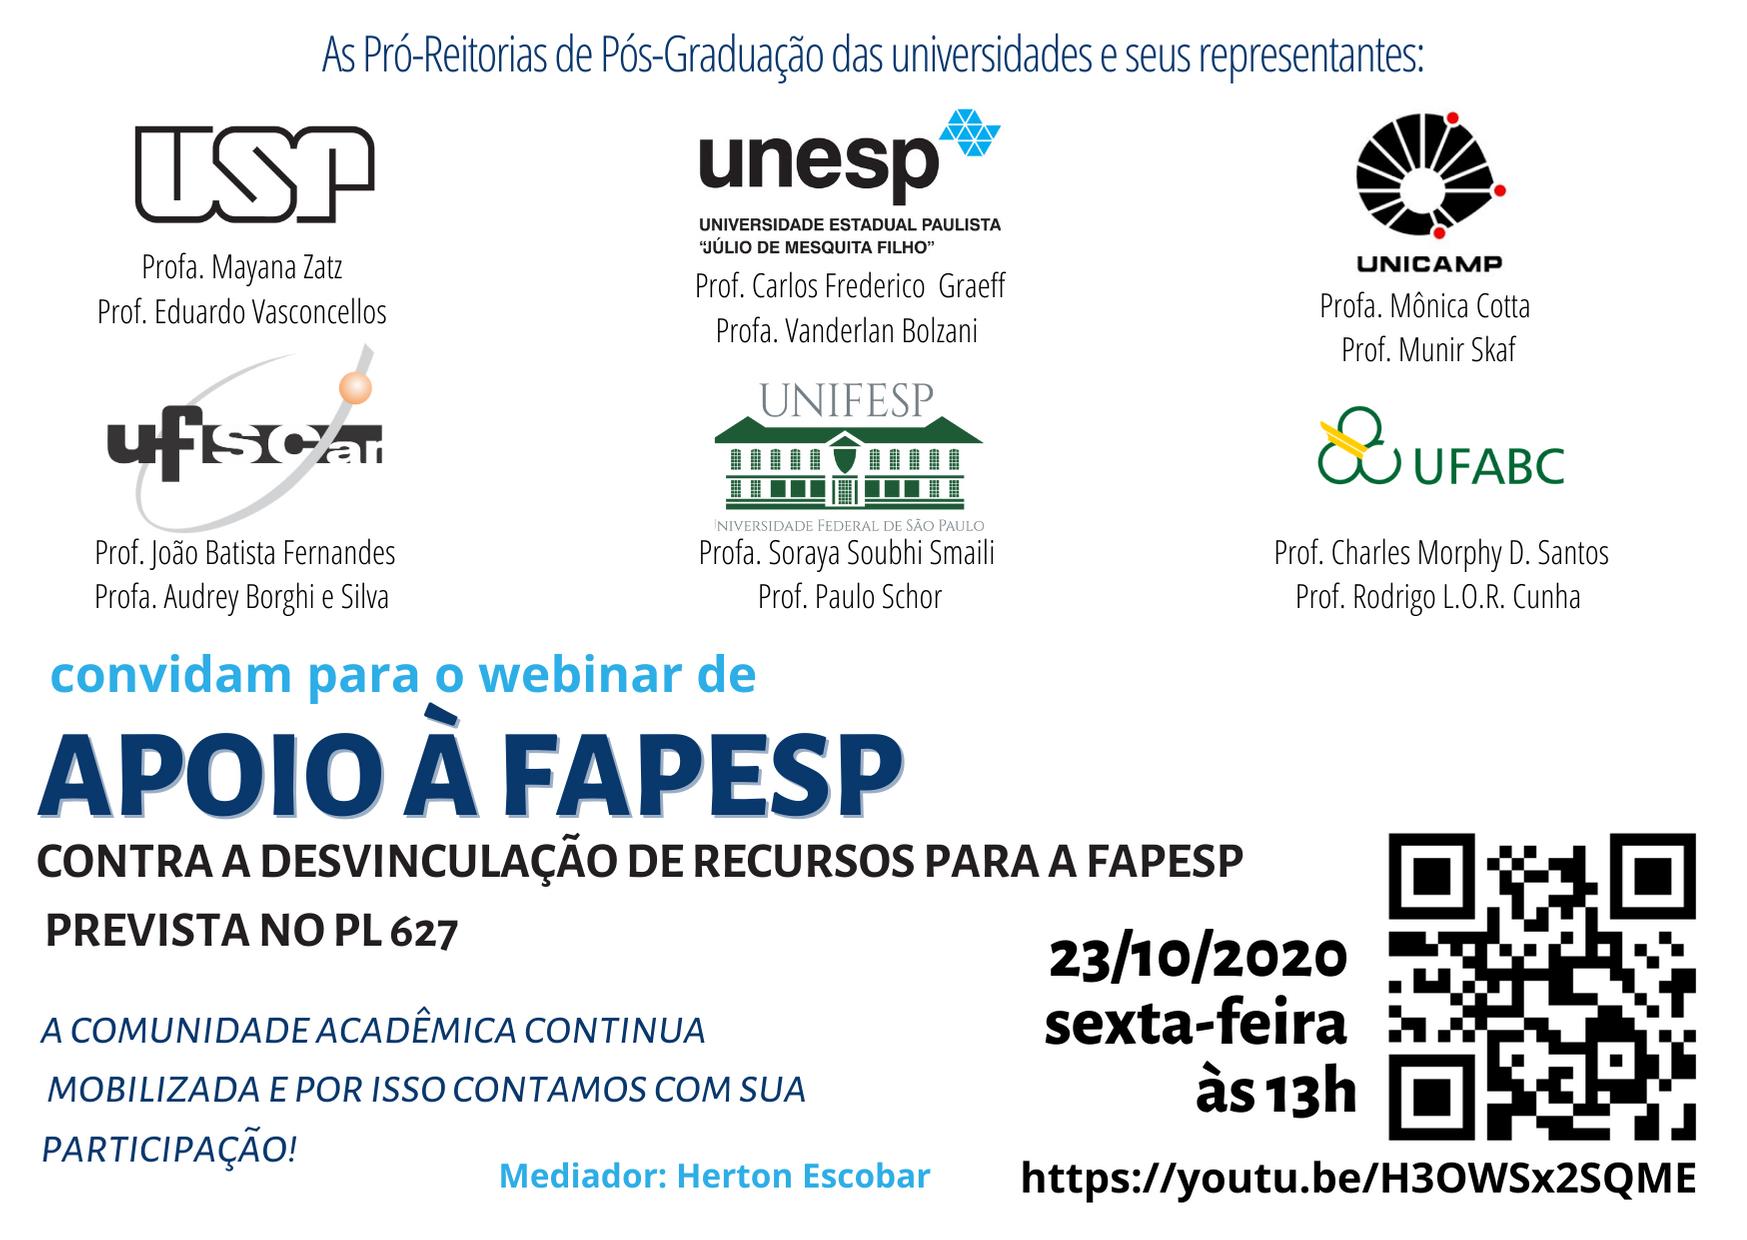 Apoio à FAPESP